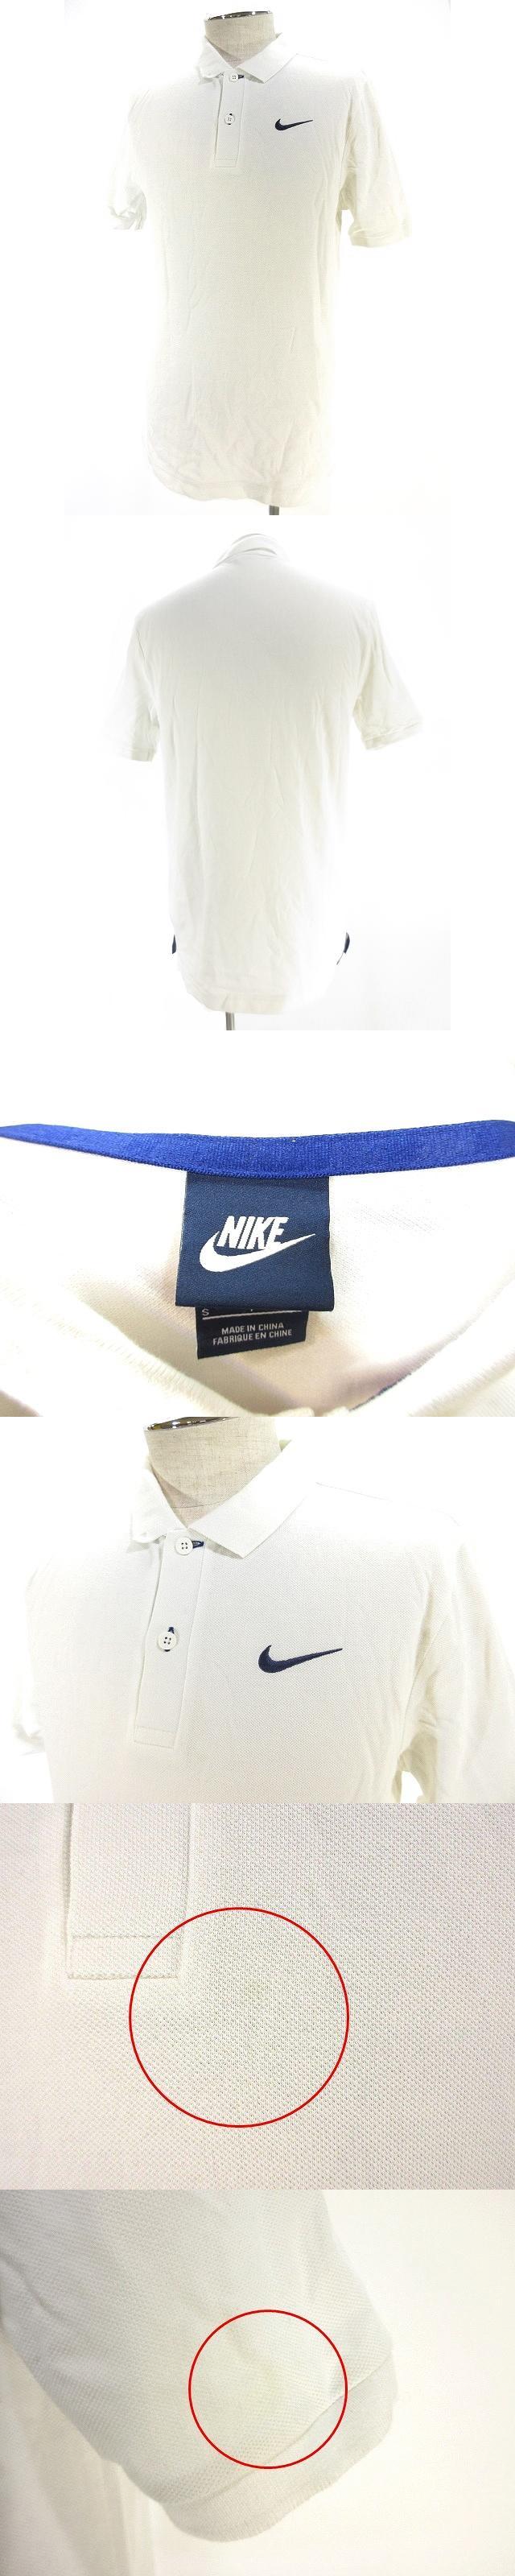 スポーツ ウェア ポロシャツ シャツ 半袖 鹿の子 ワンポイント ロゴ 刺繍 S ホワイト 白 国内正規